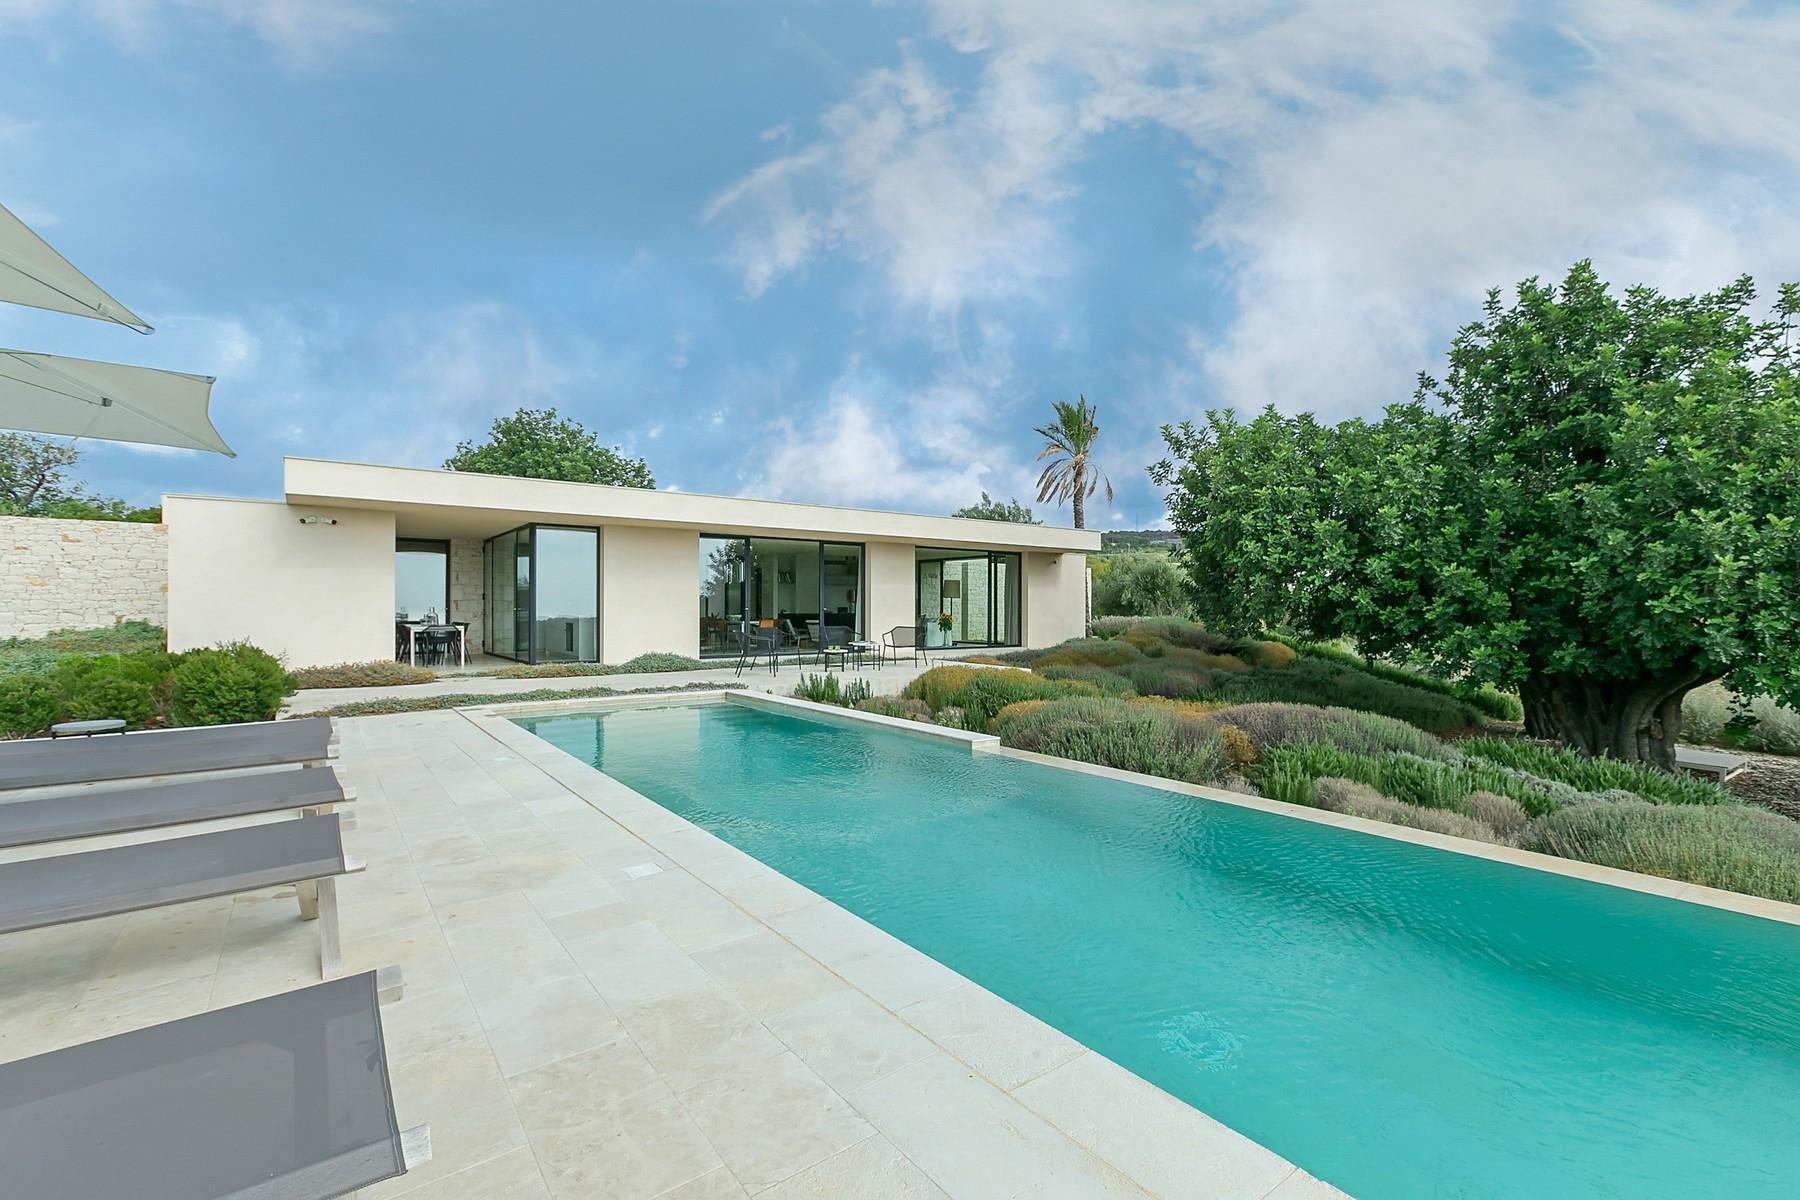 拥有游泳池和附属建筑当代设计的别墅 - 12